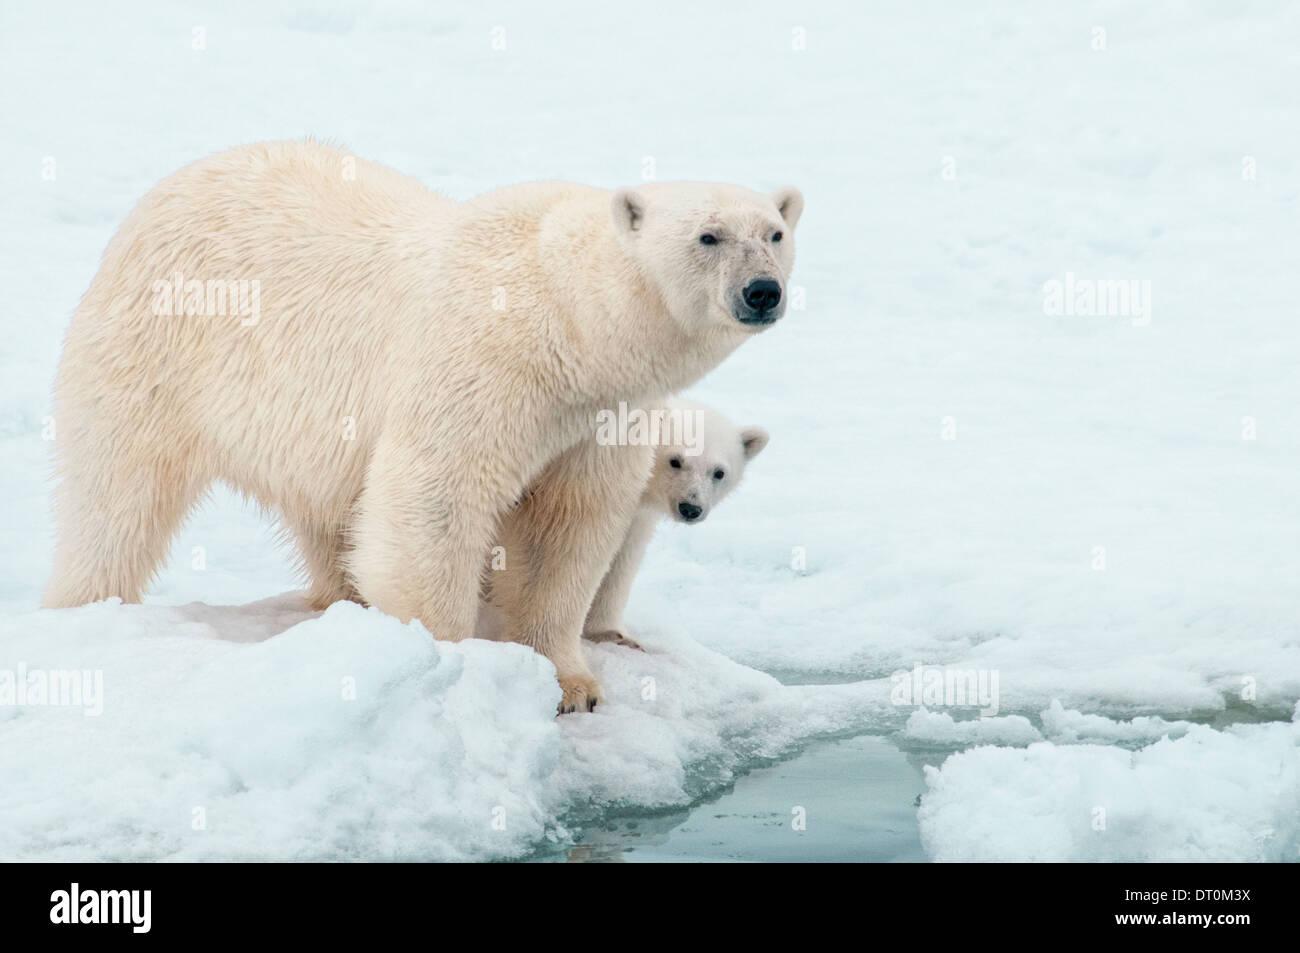 Mère Ours polaire avec Cub se cacher derrière elle, Ursus maritimus, Olgastretet la banquise, Spitzberg, archipel du Svalbard, Norvège Photo Stock